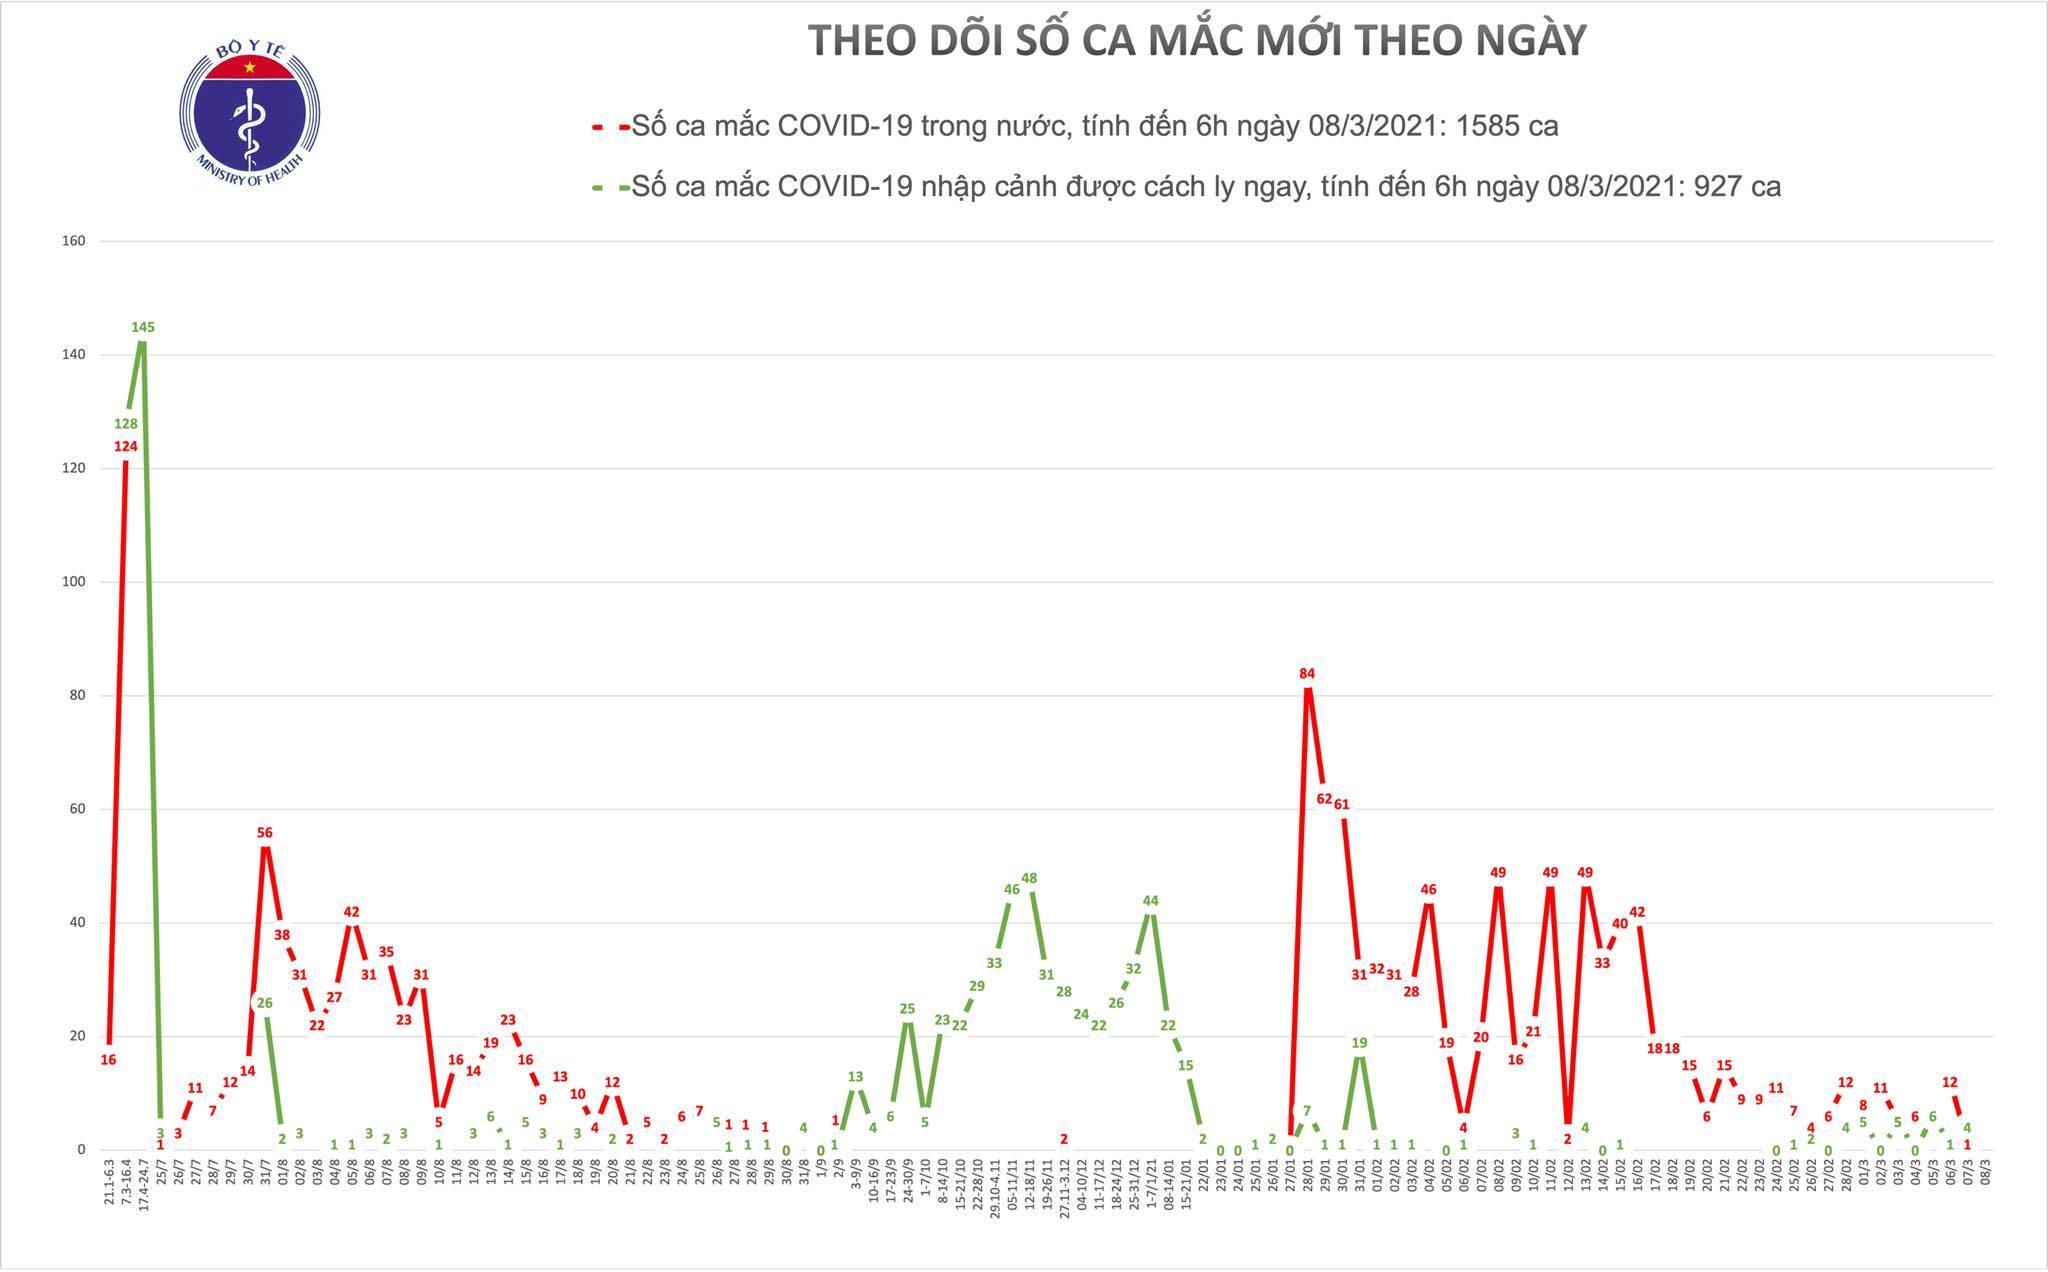 Sáng 8/3, Việt Nam không ghi nhận ca mắc Covid-19 mới